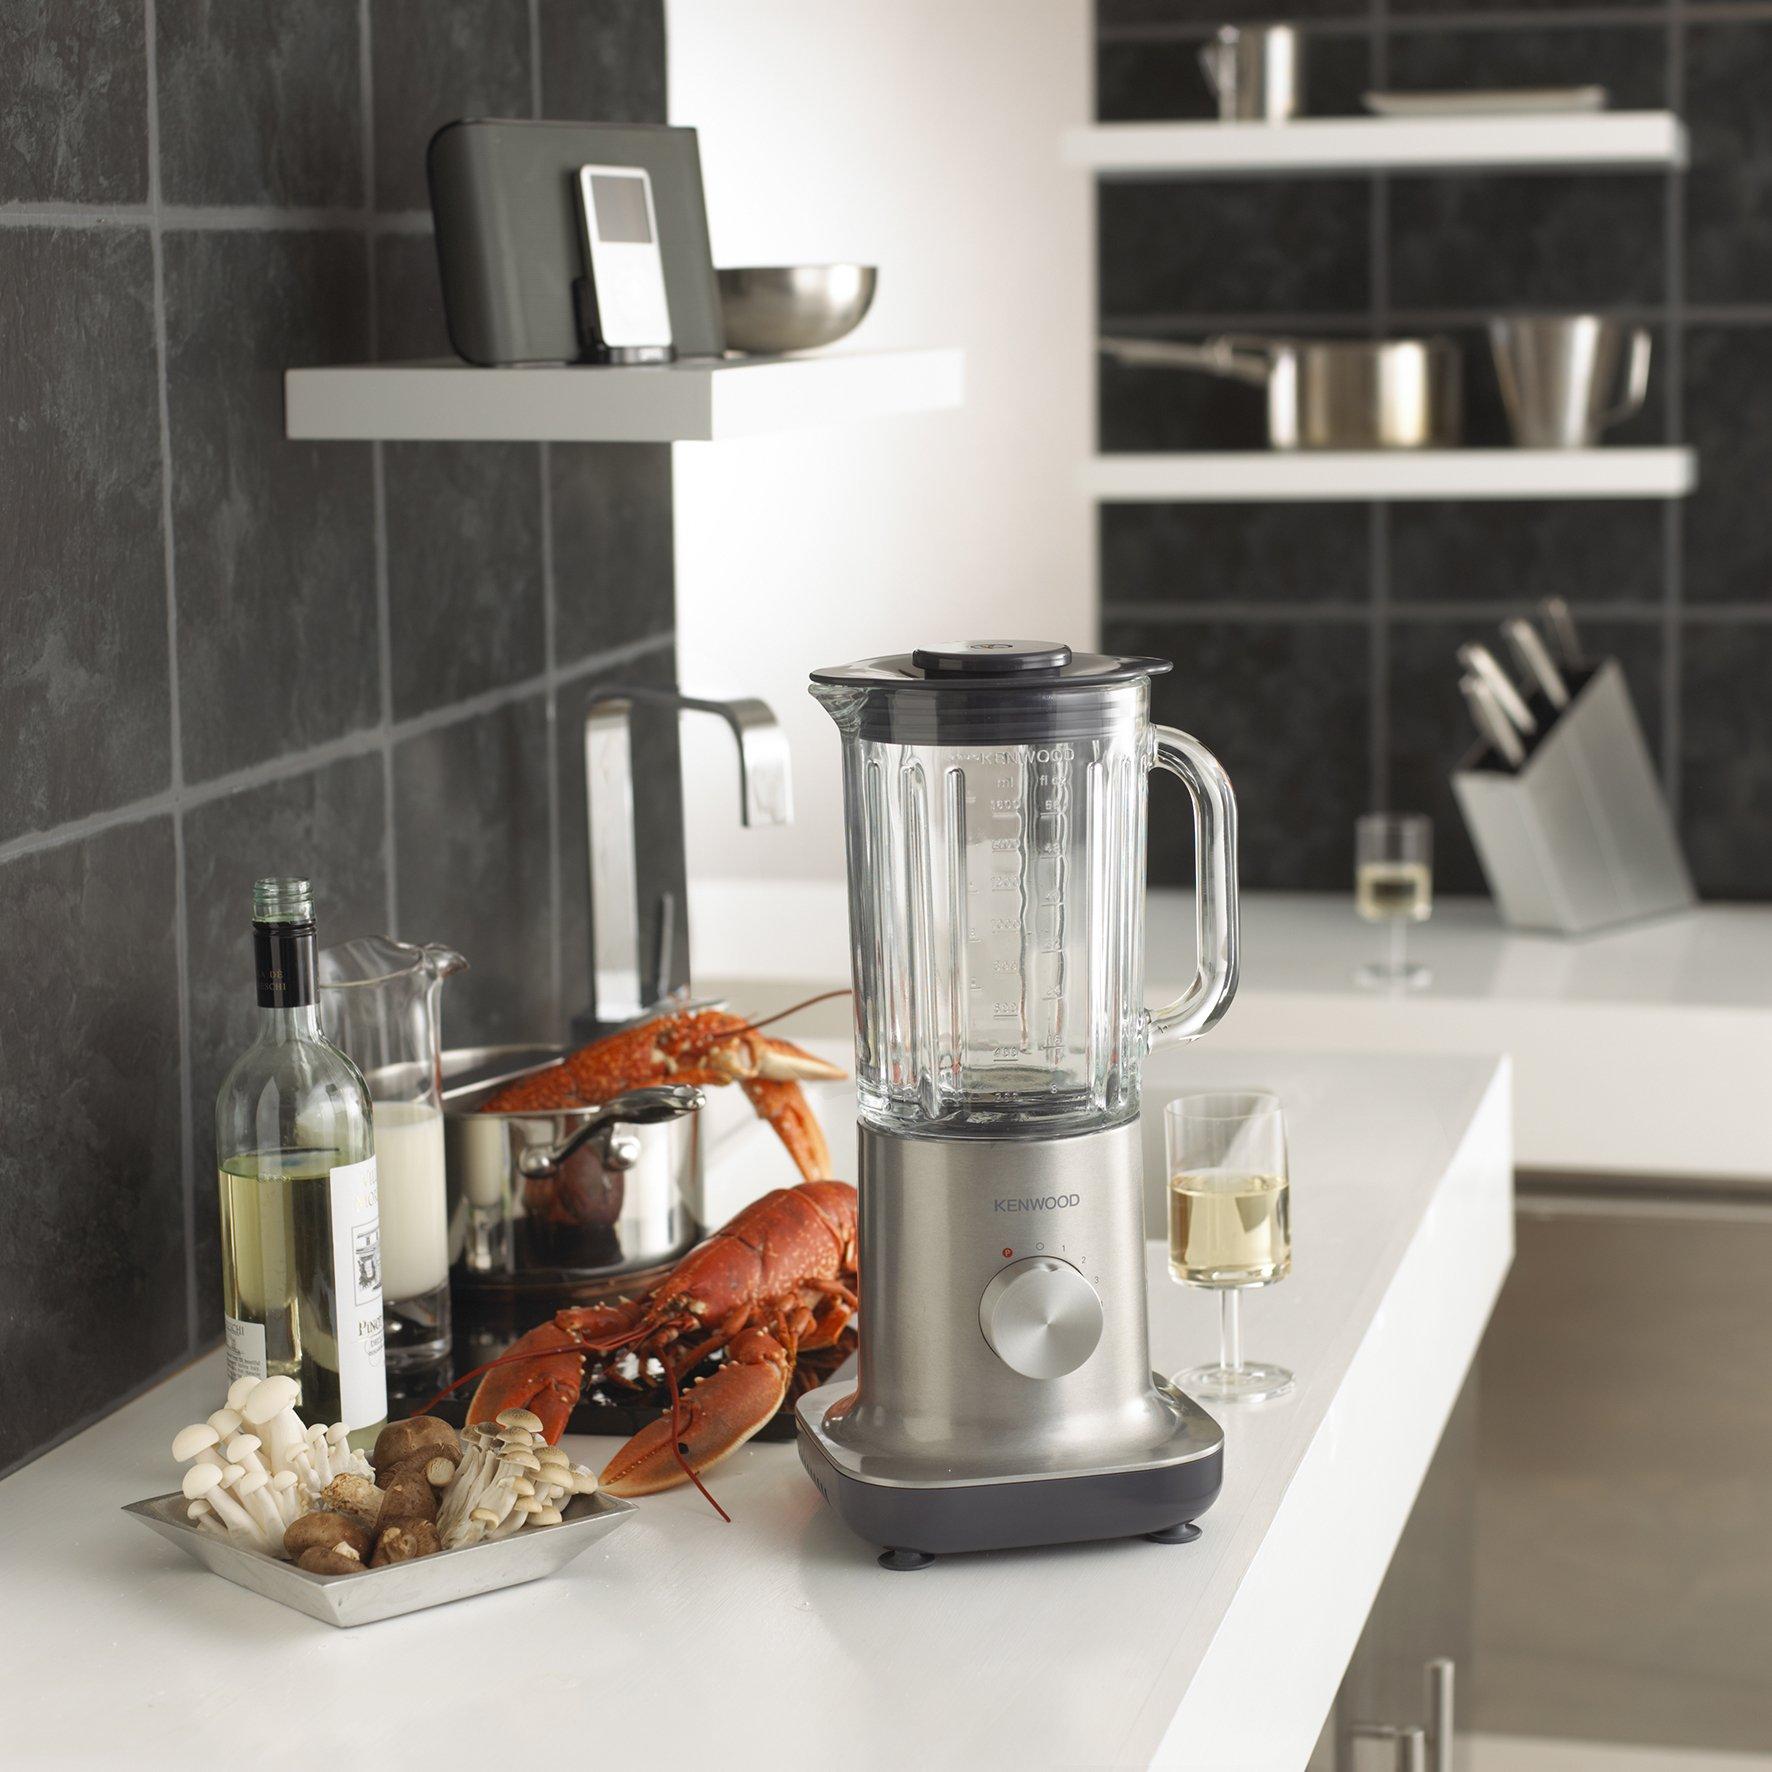 Kenwood BL710 - Batidora de vaso, acero inoxidable, vaso de cristal, 750 W, 2 litros, 5 velocidades + turbo: Amazon.es: Hogar